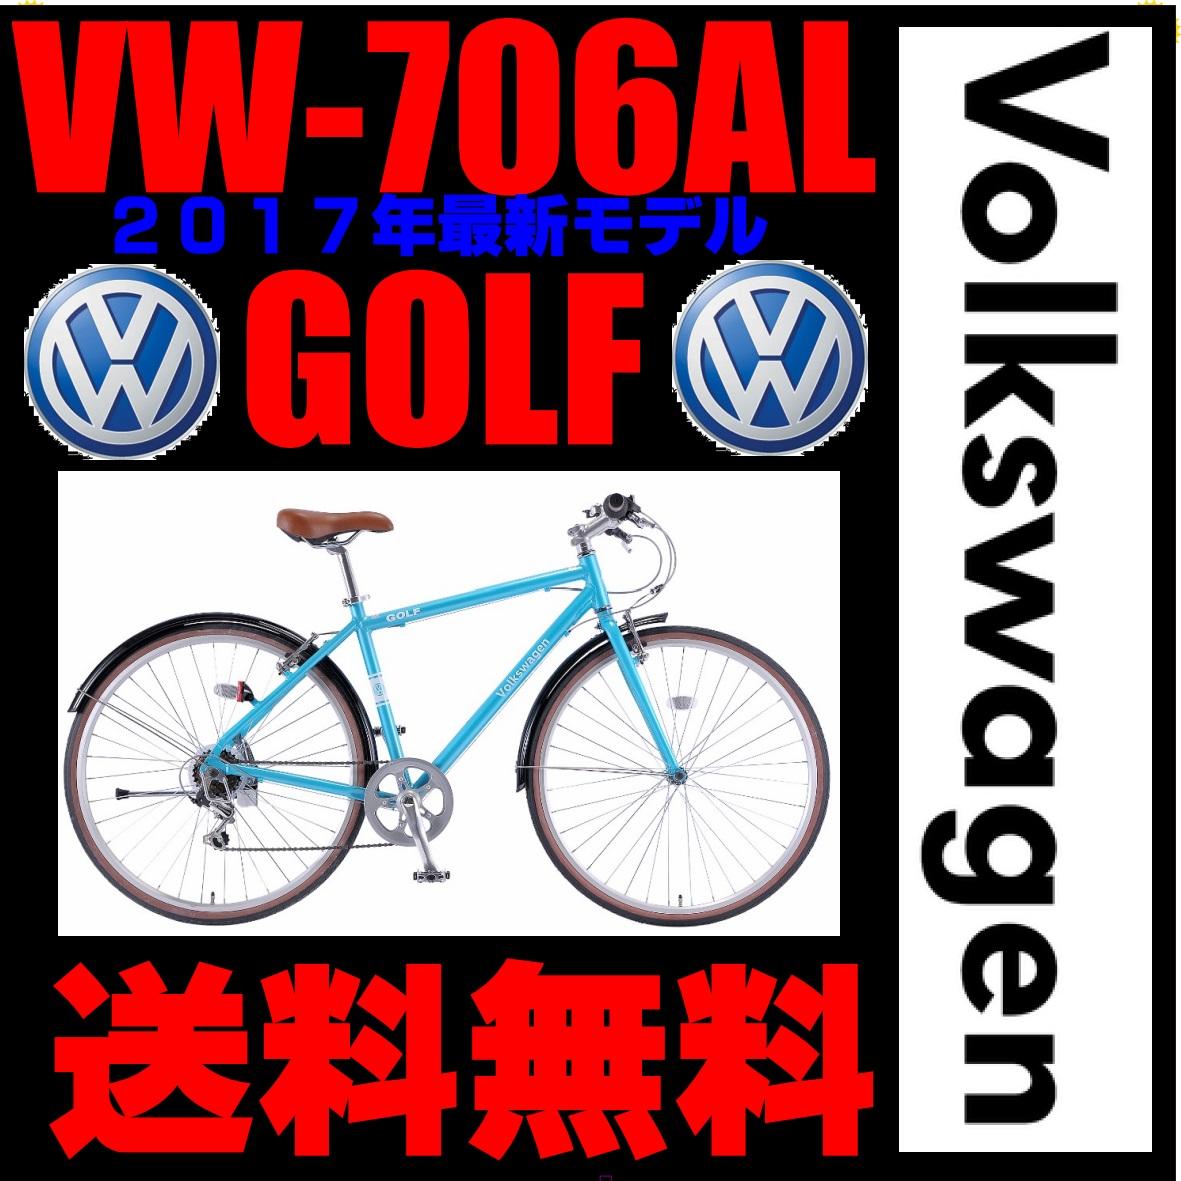 フォルクスワーゲン クロスバイク Volkswagen 自転車 アクア ブルー 700C 自転車 外装6段ギア フォルクスワーゲン VW-706AL GOLF ゴルフ